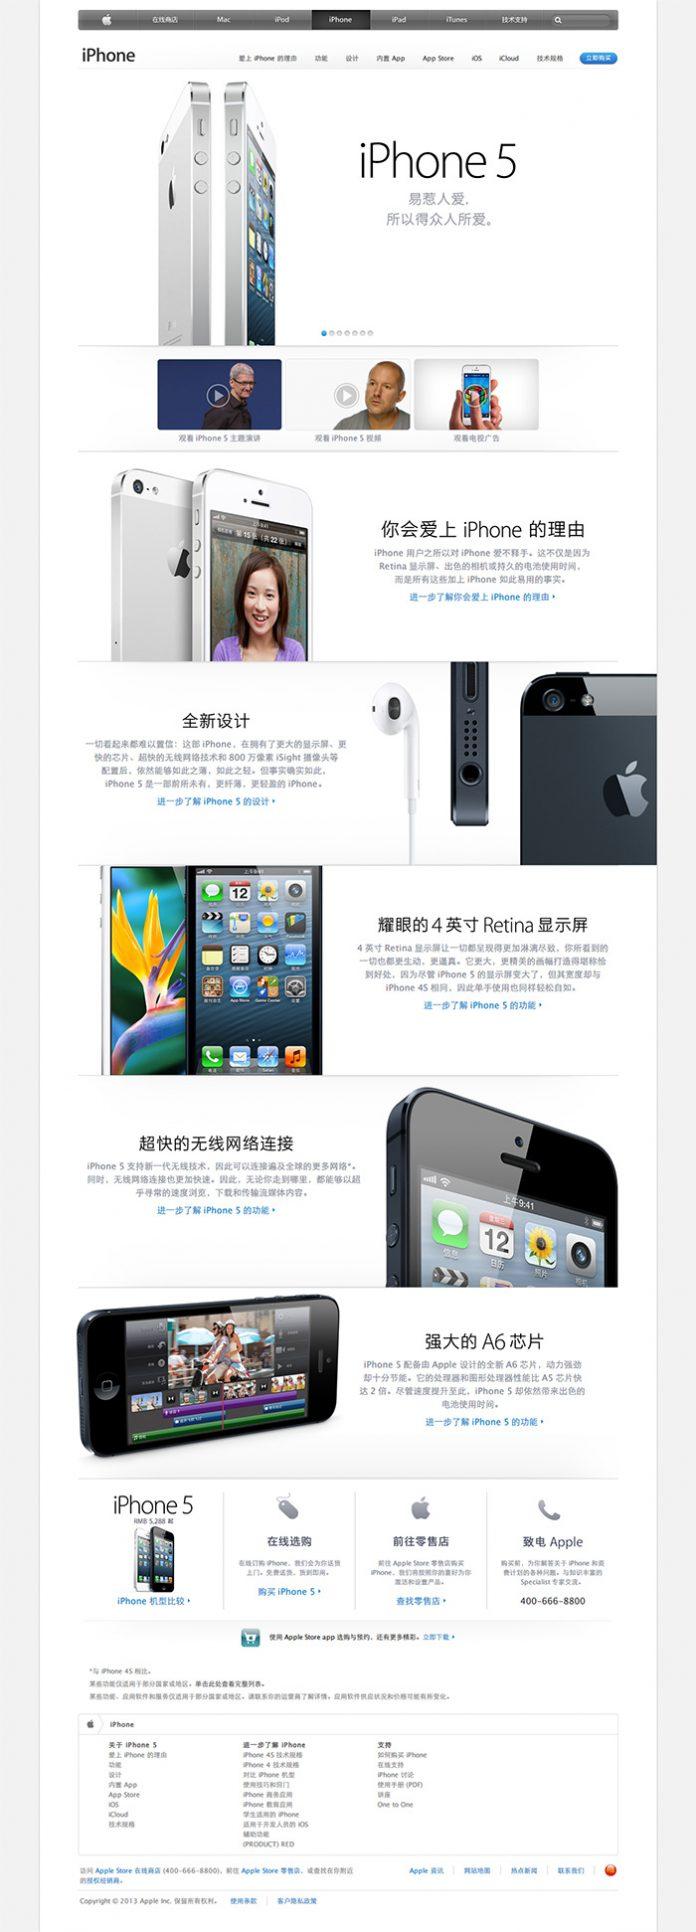 iPhone5 的文案真NB - iphone1